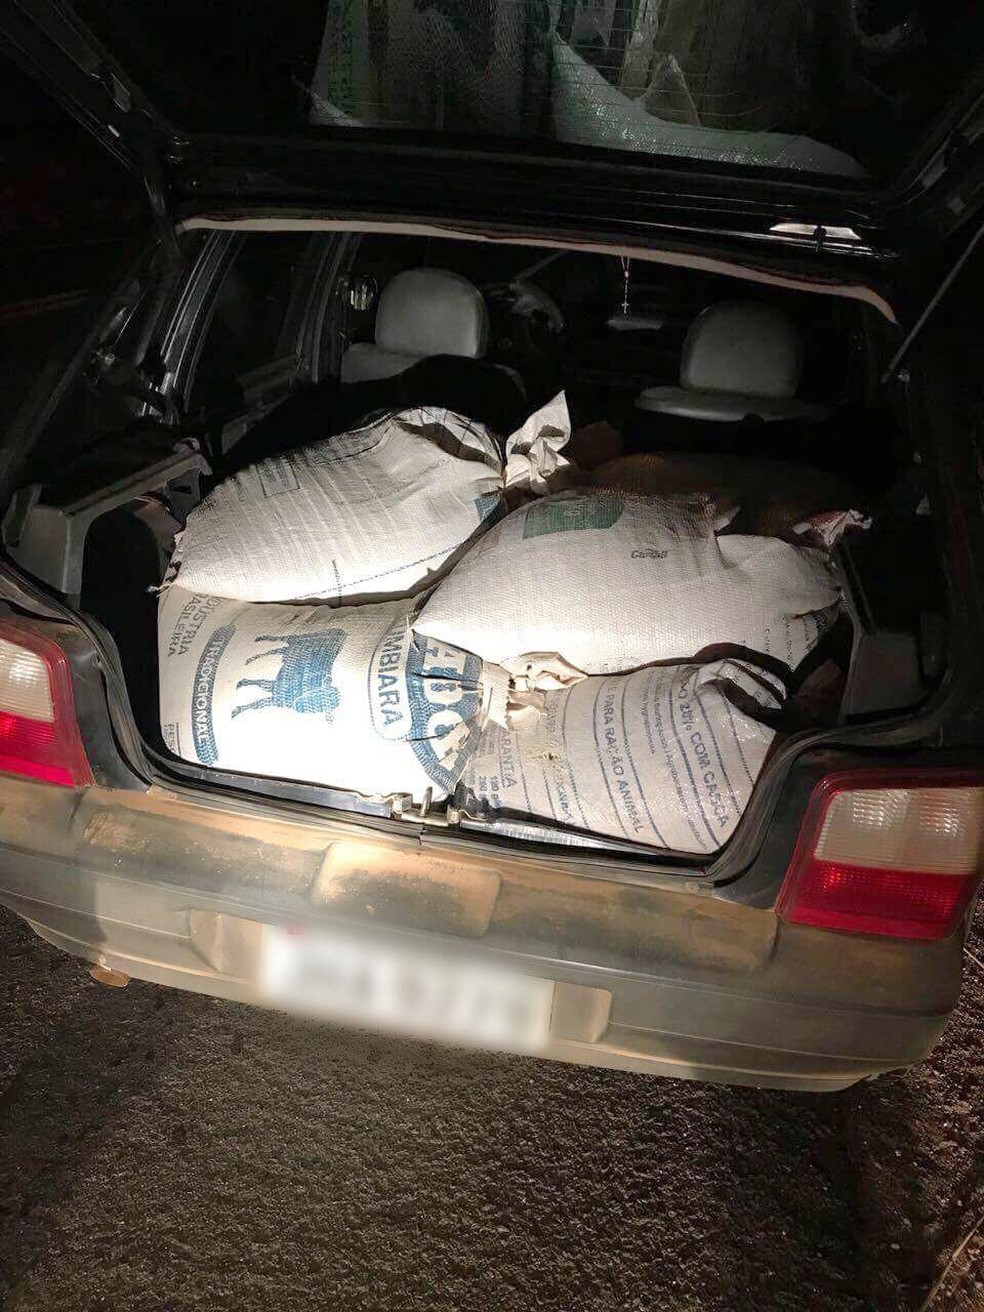 Sacas de café furtadas em Serra do Salitre estavam no porta-malas do carro (Foto: Polícia Militar Rodoviária/Divulgação)